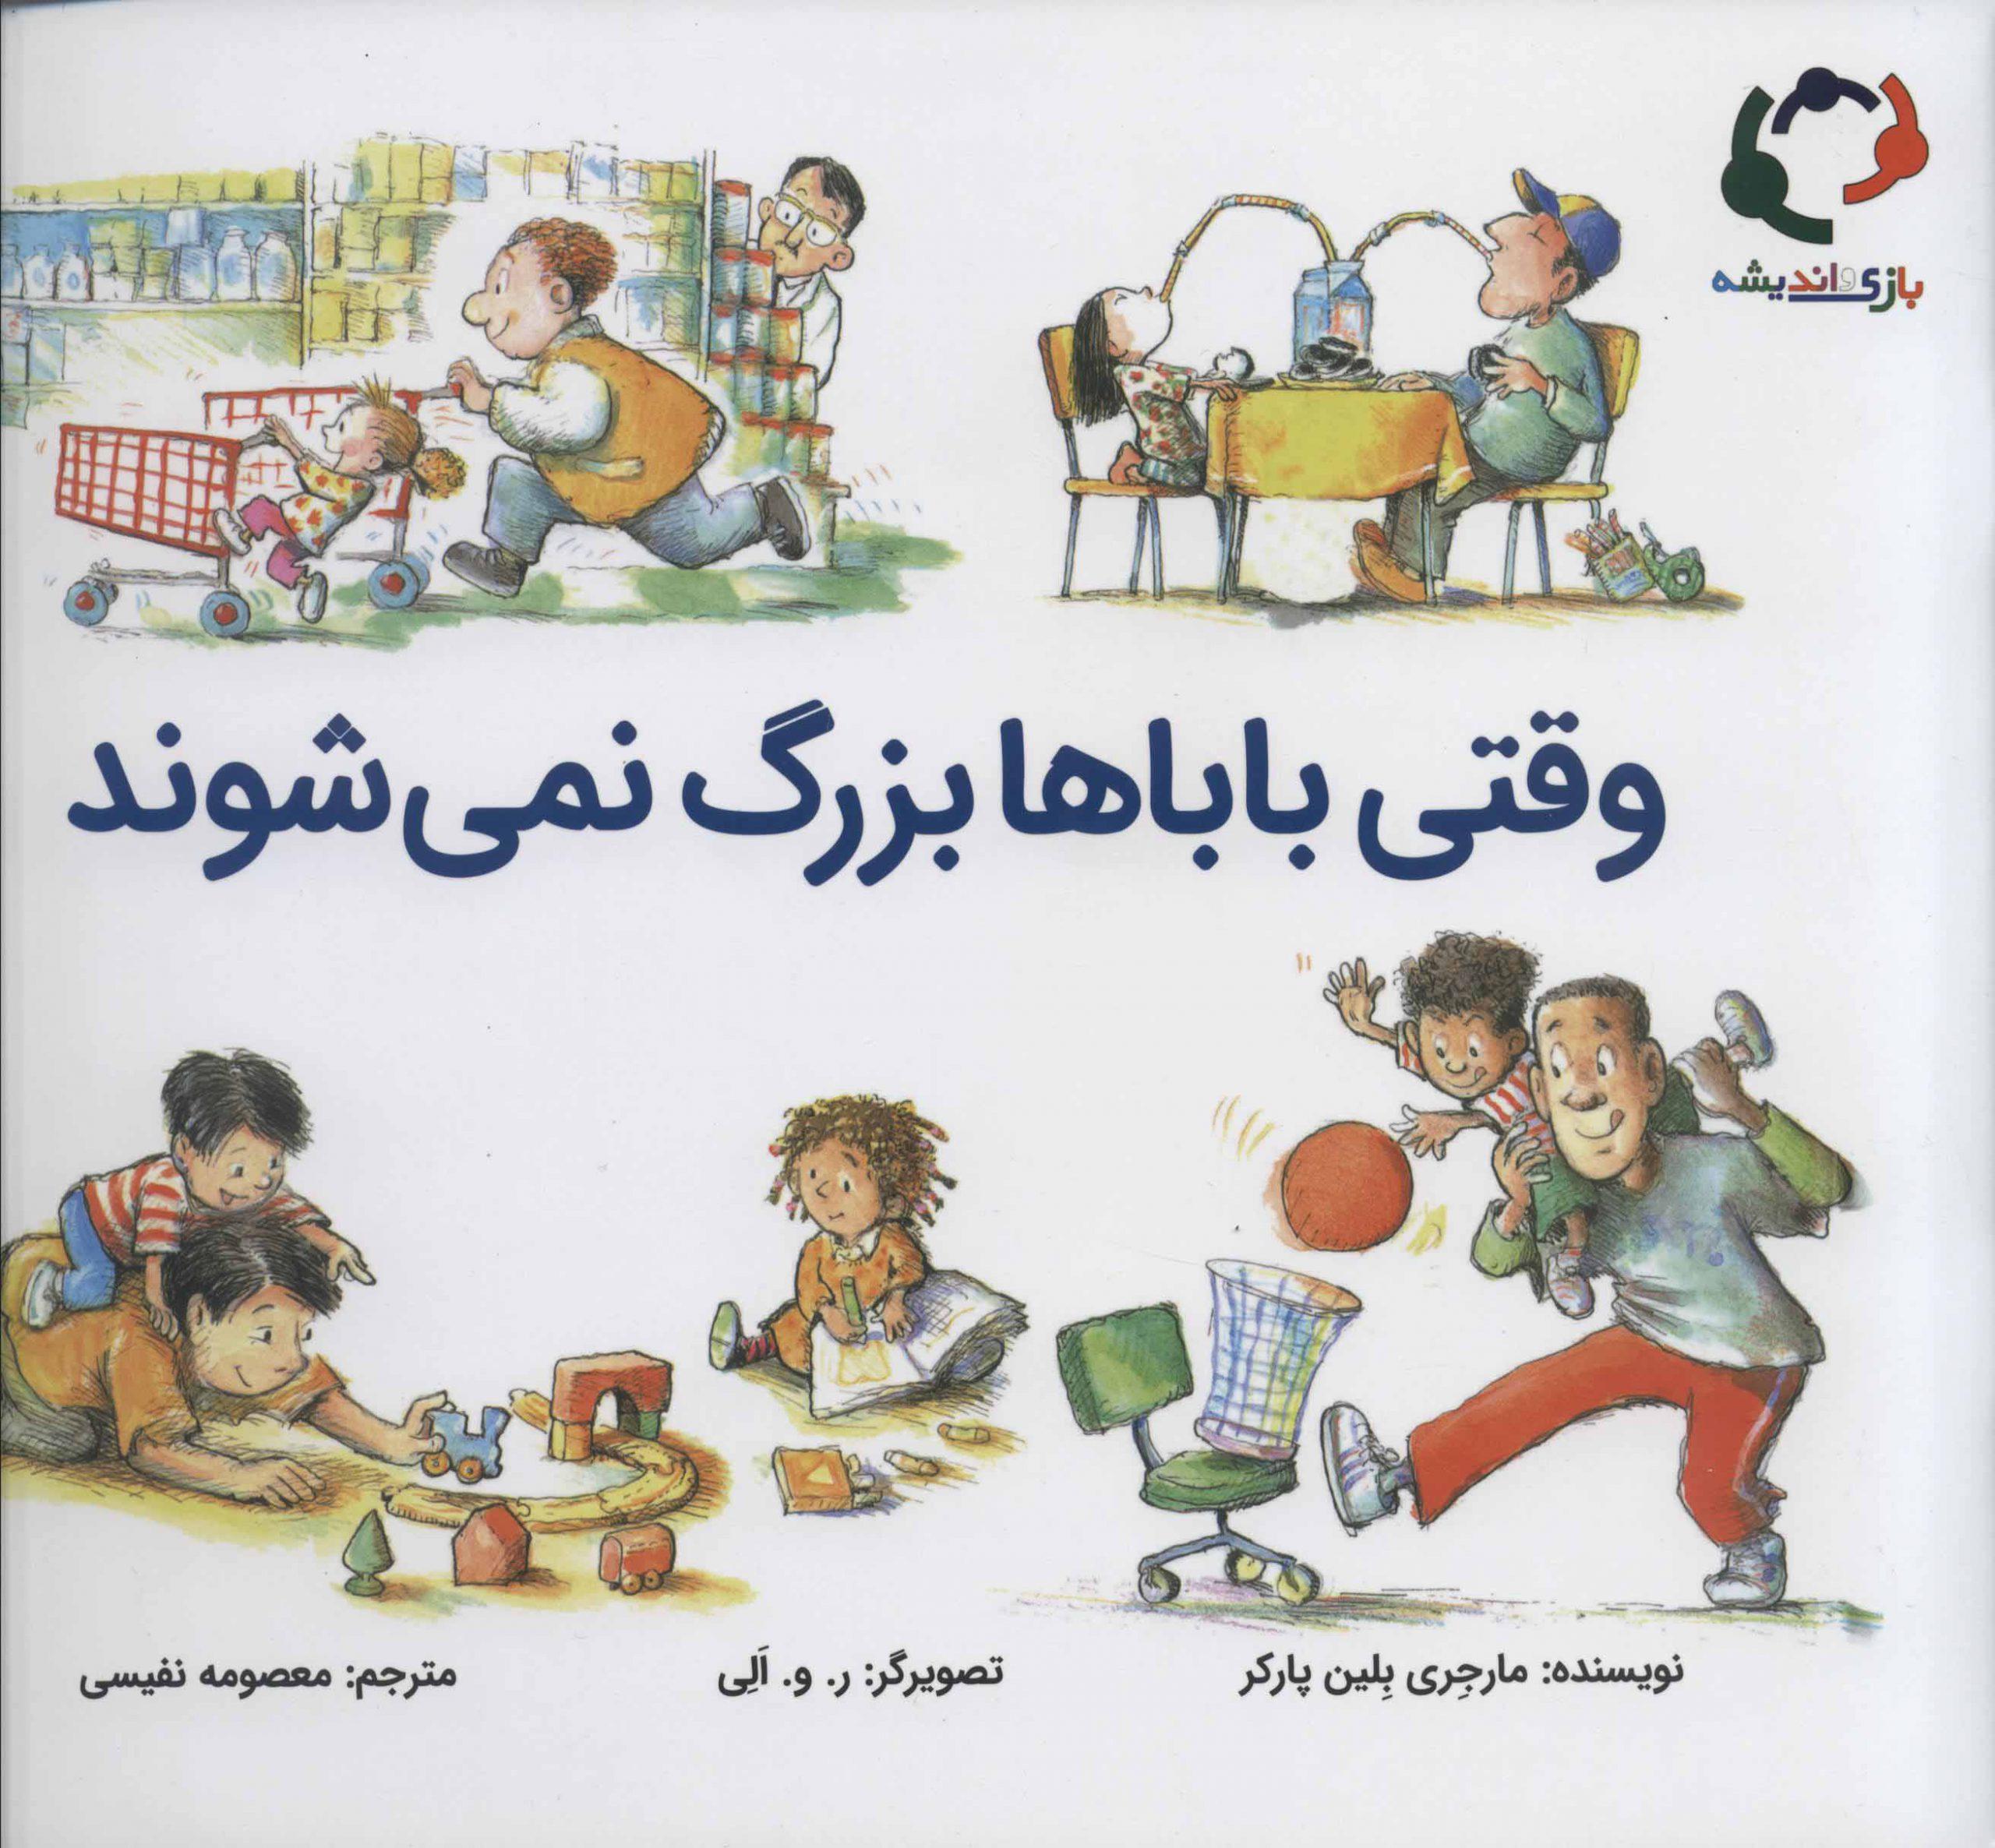 کتاب وقتی باباها بزرگ نمی شوند